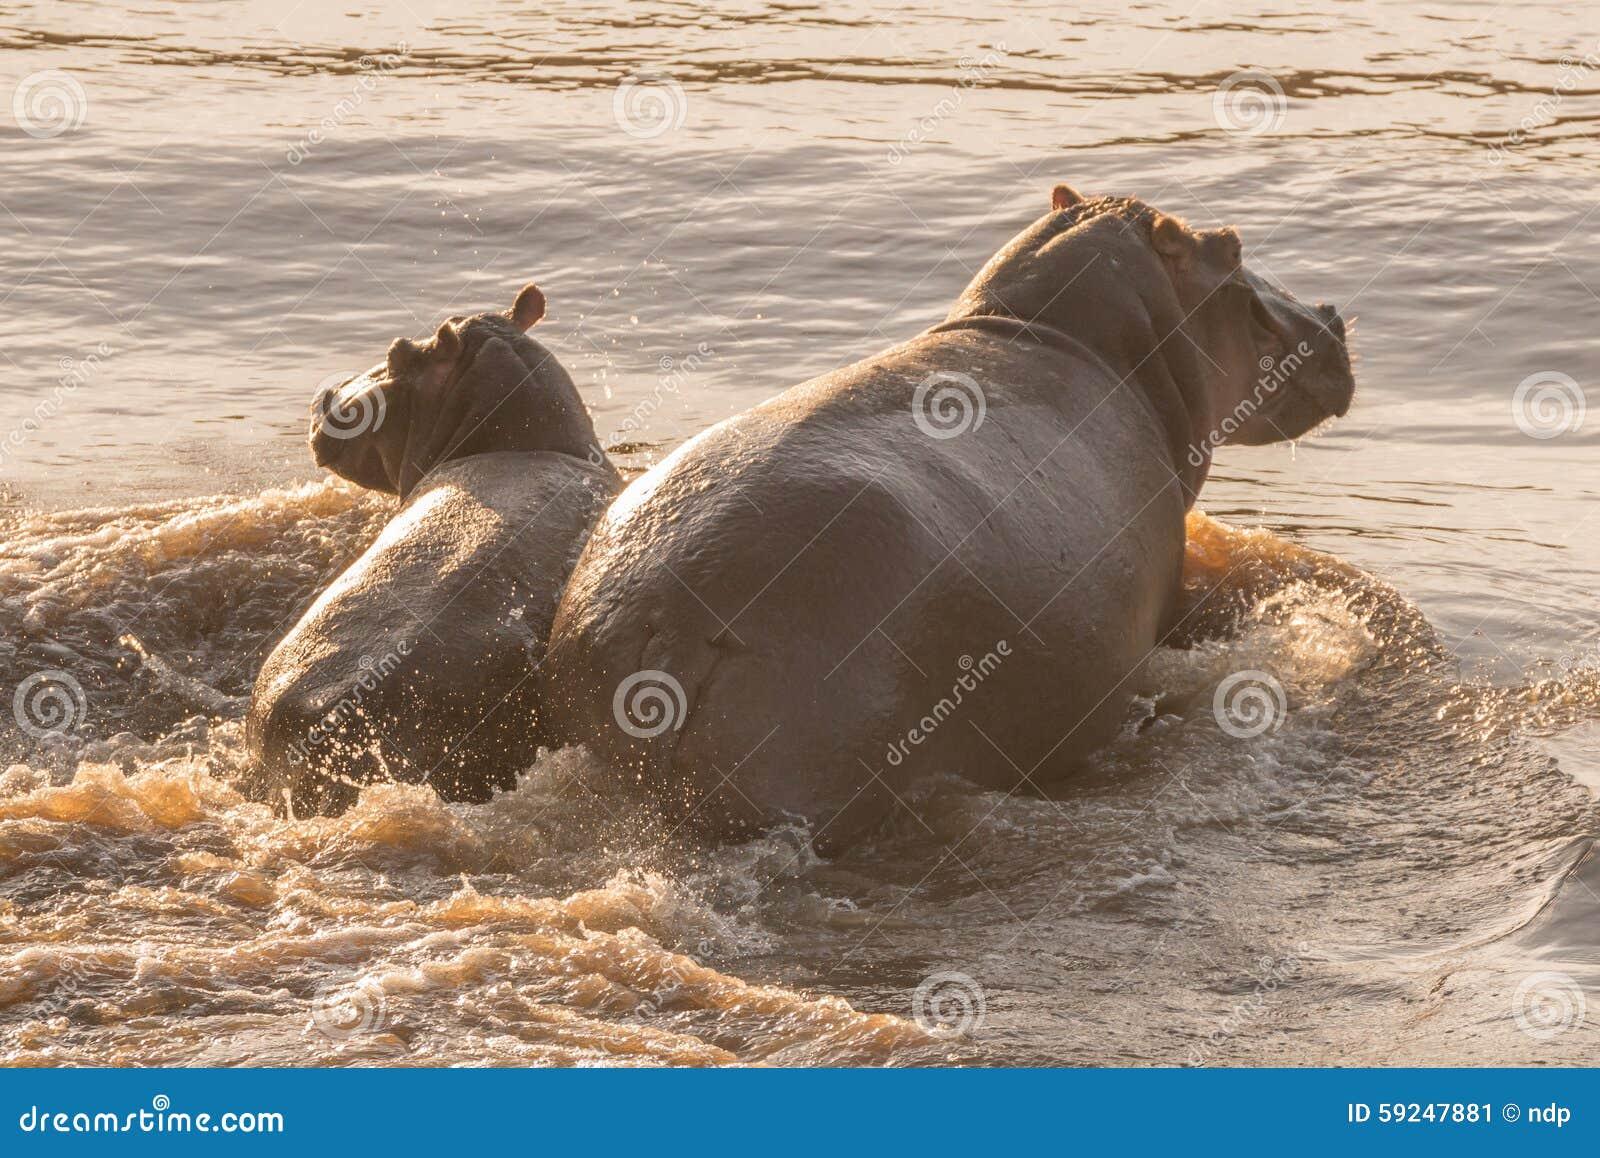 Hipopótamo y su becerro que vadean a través del río